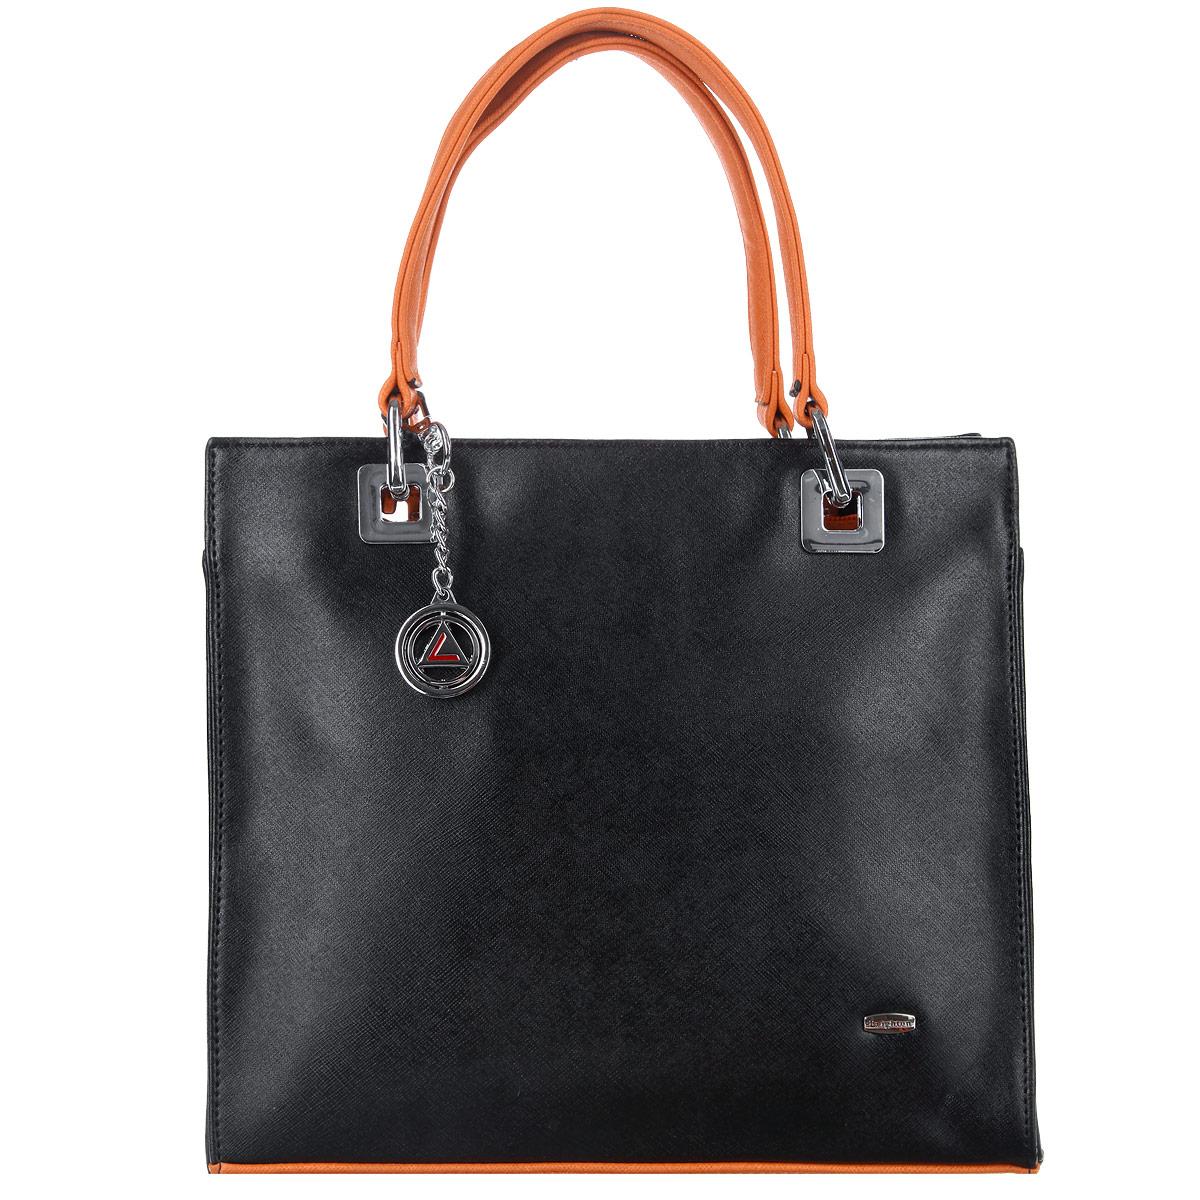 Сумка женская Leighton, цвет: черный, оранжевый. 560299-3769560299-3769/1/3769/17 черИзысканная женская сумка Leighton выполнена из высококачественной искусственной кожи с контрастными вставками и украшена брелоком. Сумка закрывается на застежку-молнию. Внутри одно отделение, разделенное карманом-средником на застежке-молнии, также есть два накладных кармашка для мелочей и телефона и втачной кармашек на застежке-молнии. Задняя сторона дополнена плоским врезным карманом на застежке-молнии. Ручки сумки крепится на металлическую фурнитуру. Дно сумки защищено металлическими ножками, обеспечивающими дополнительную устойчивость. В комплекте чехол для хранения. Яркий дизайн сумки, сочетающий классические формы с оригинальным оформлением, позволит вам подчеркнуть свою индивидуальность и сделает ваш образ изысканным и завершенным.